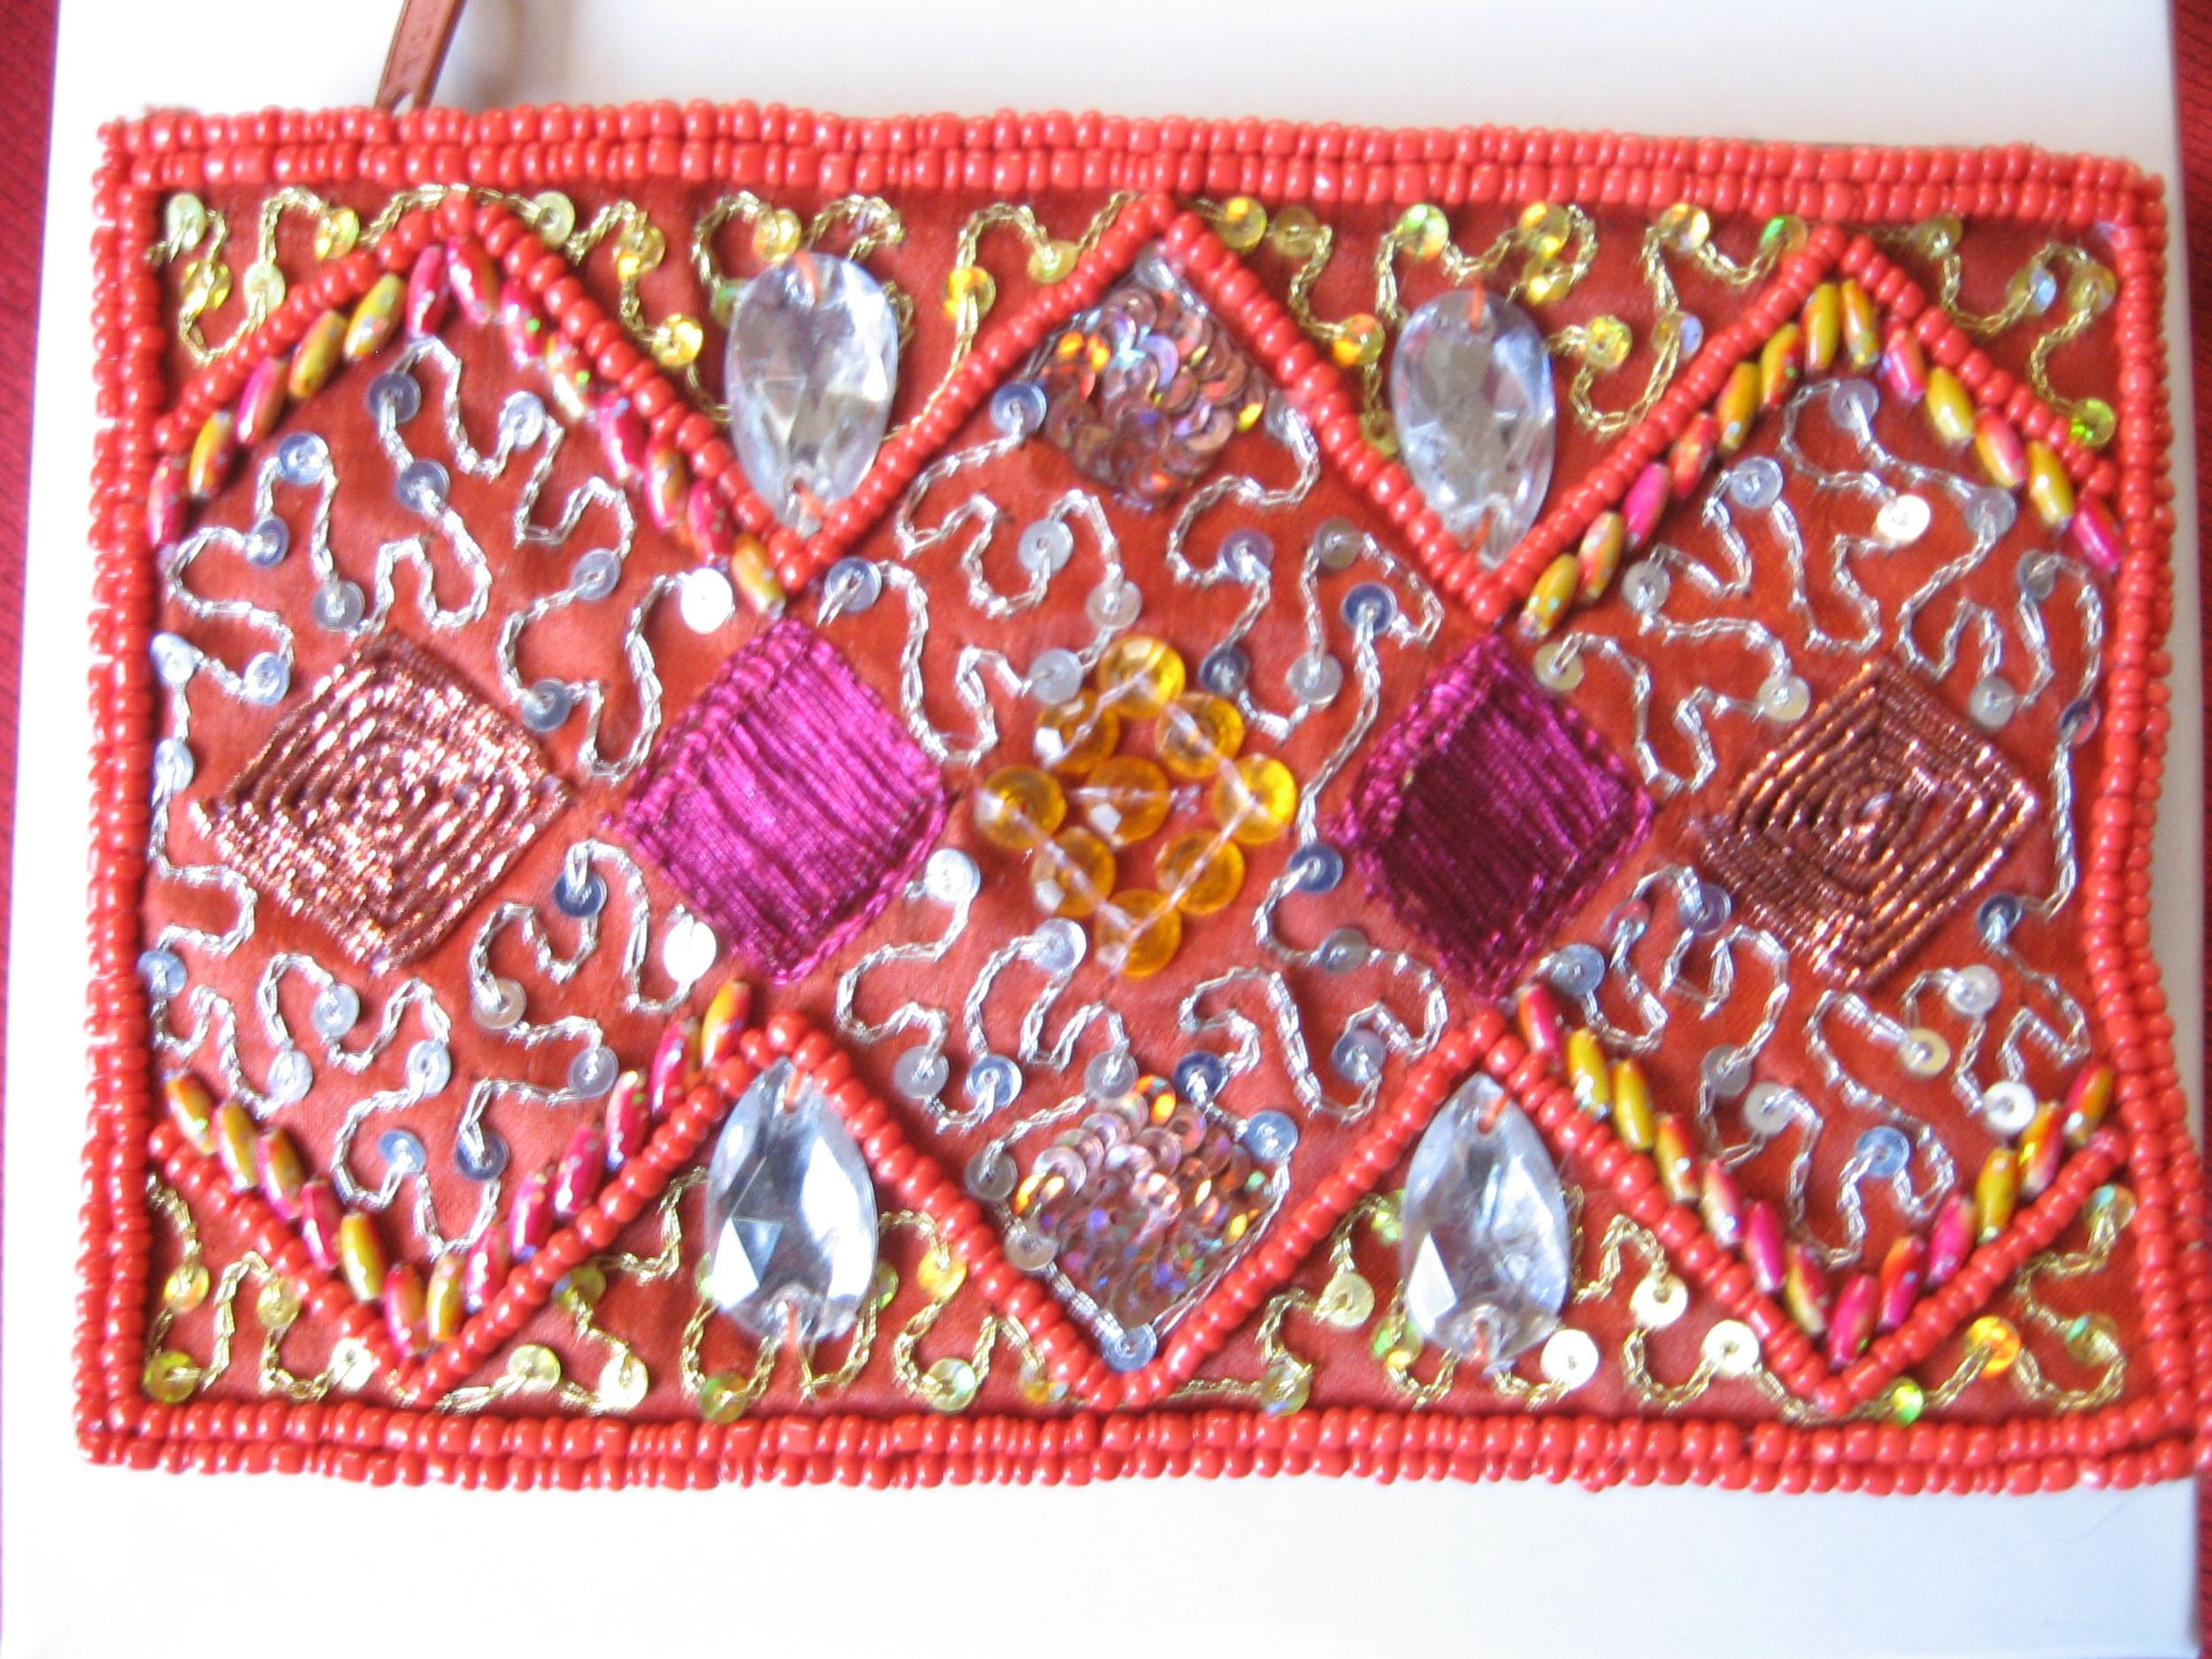 A fair trade coin purse from SERRV